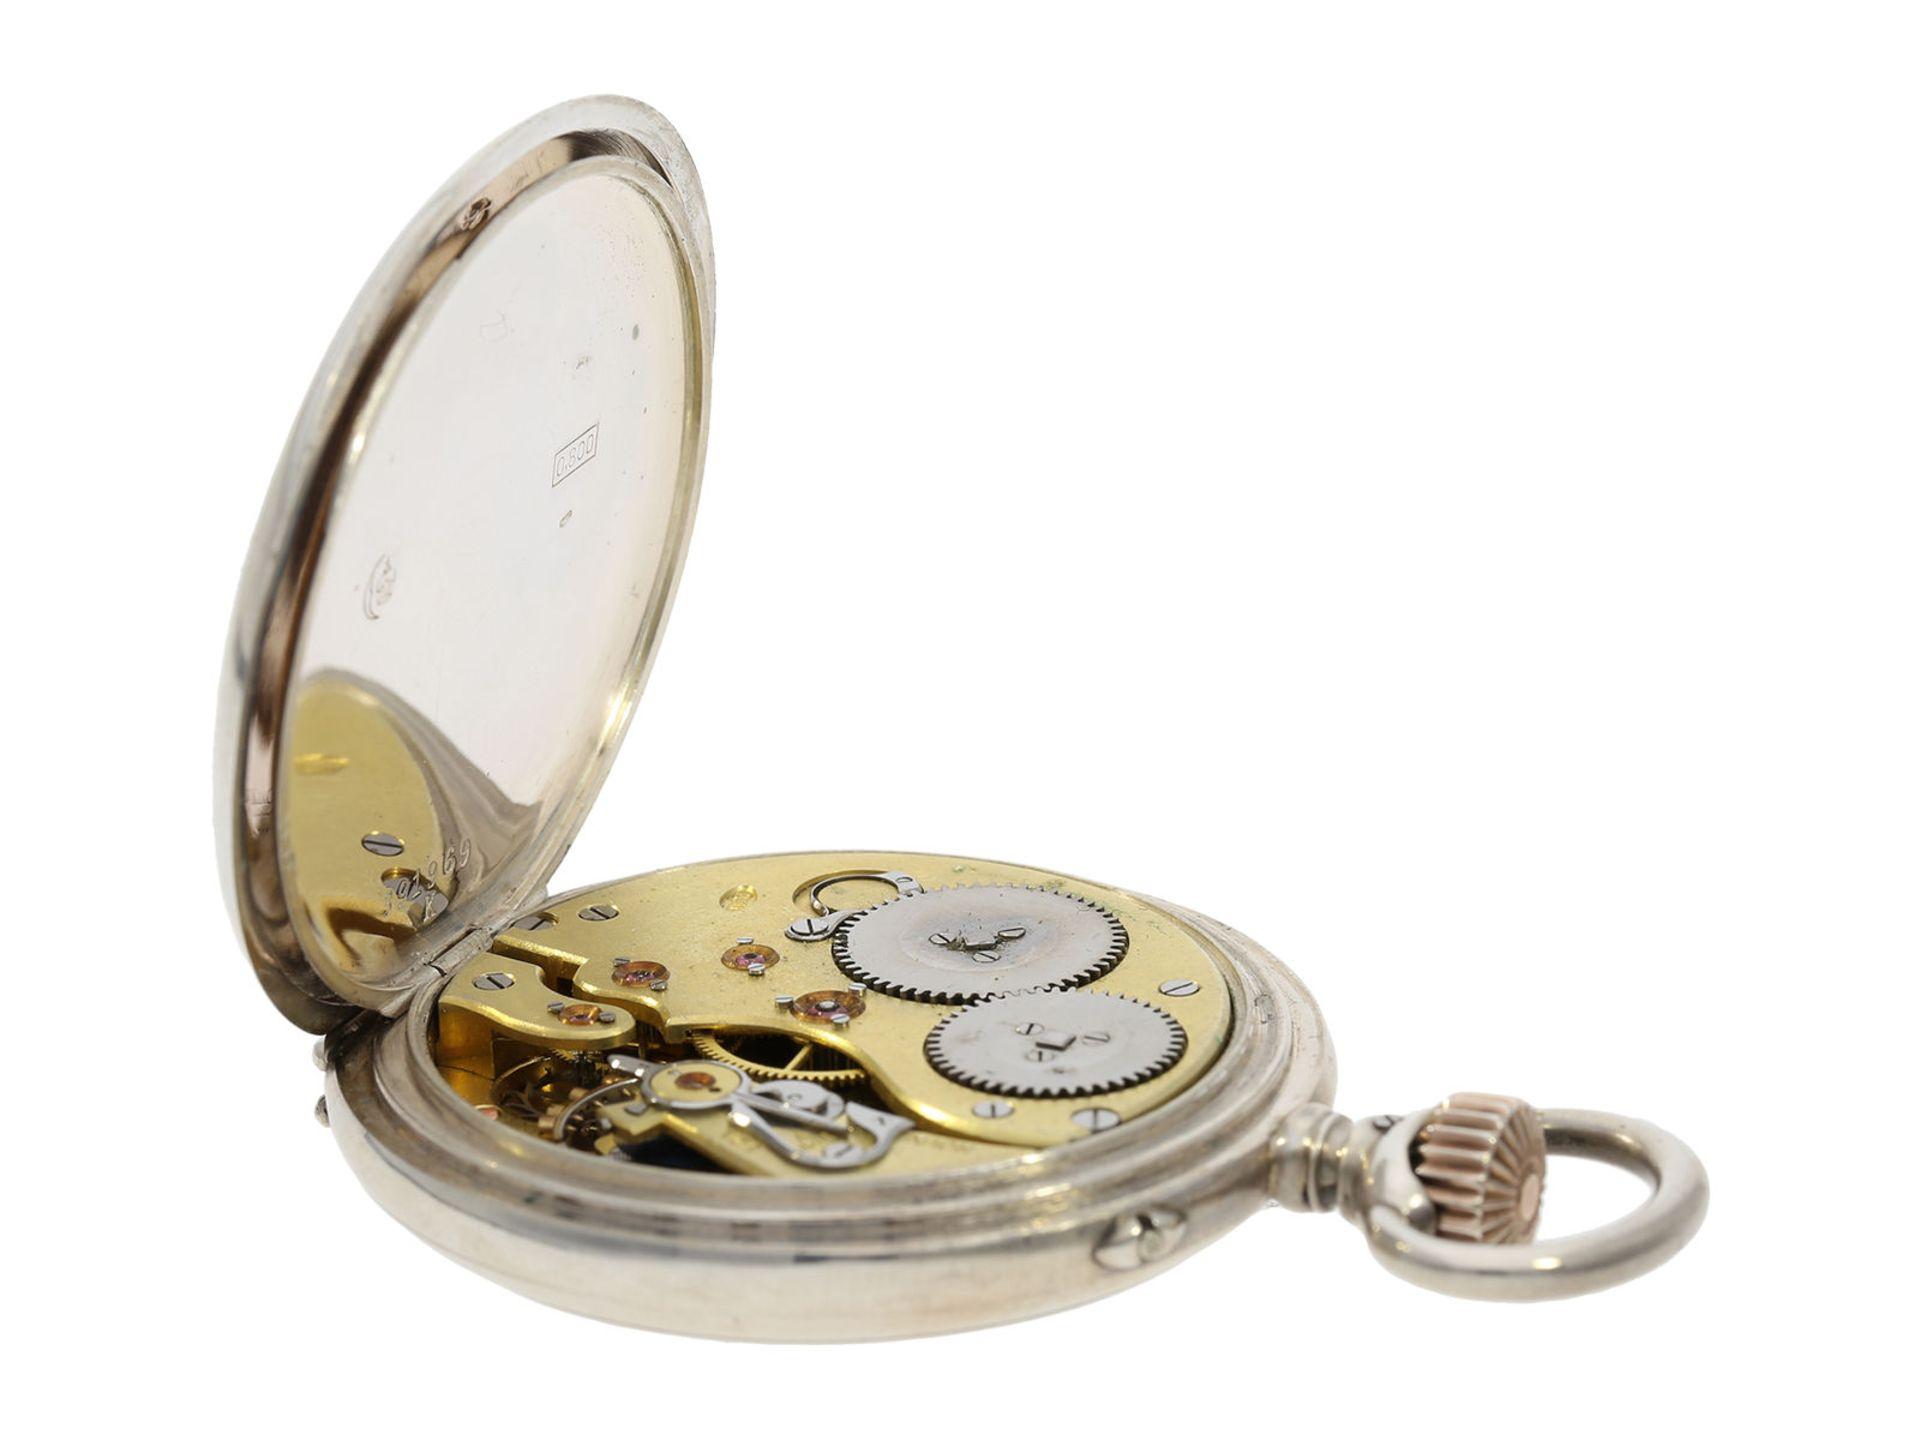 Pocket watch: IWC man's pocket watch with very rare 2-coloured dial, No.309843, Schaffhausen ca. - Bild 5 aus 6